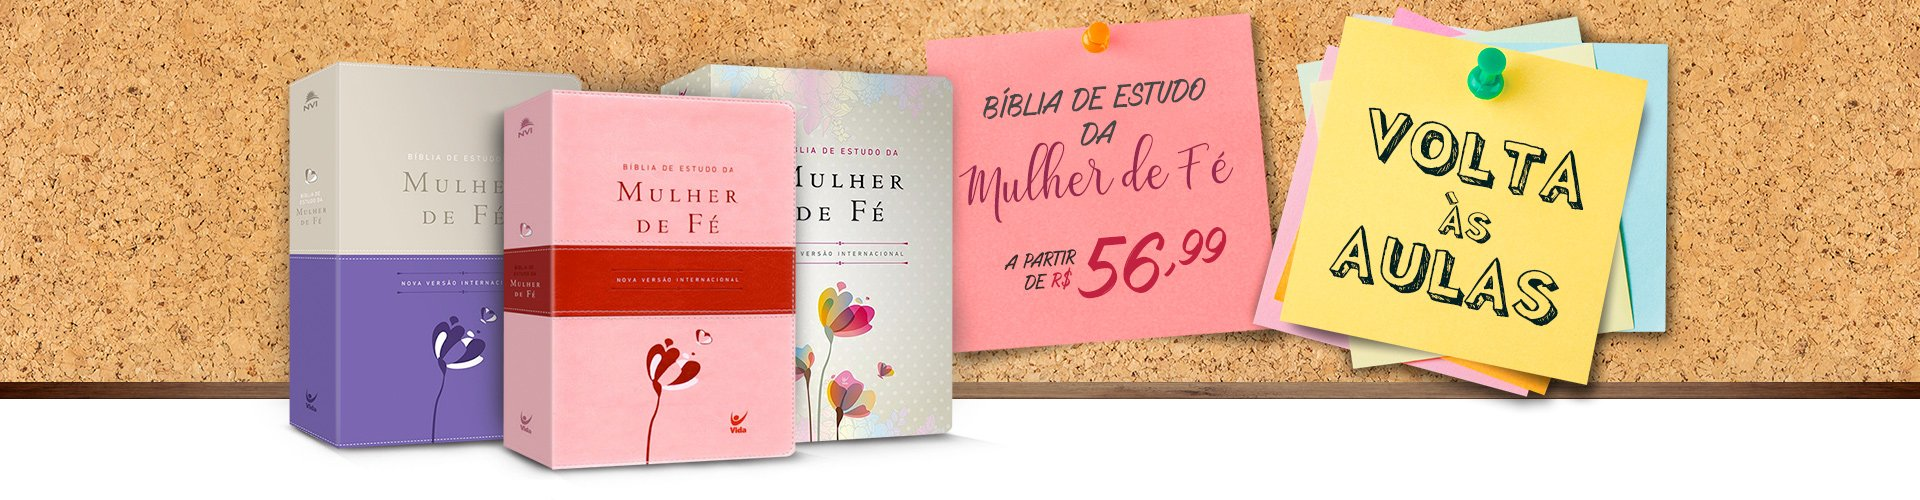 Bíblia de Estudo da Mulher de Fé - Banner Leila